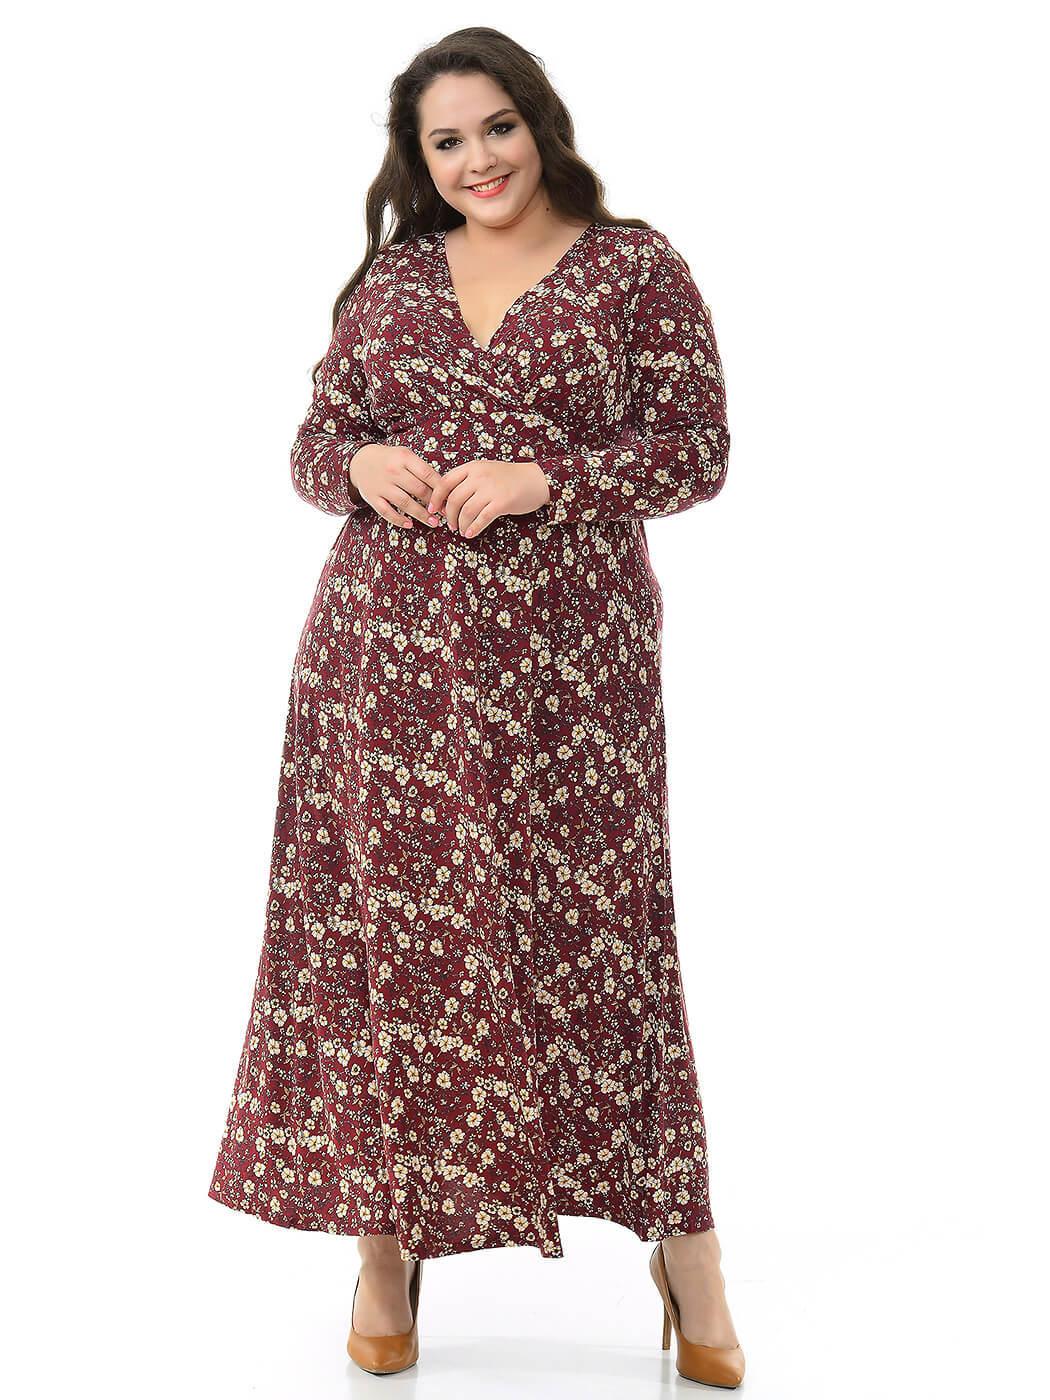 Бордовое платье в цветах 76 размера